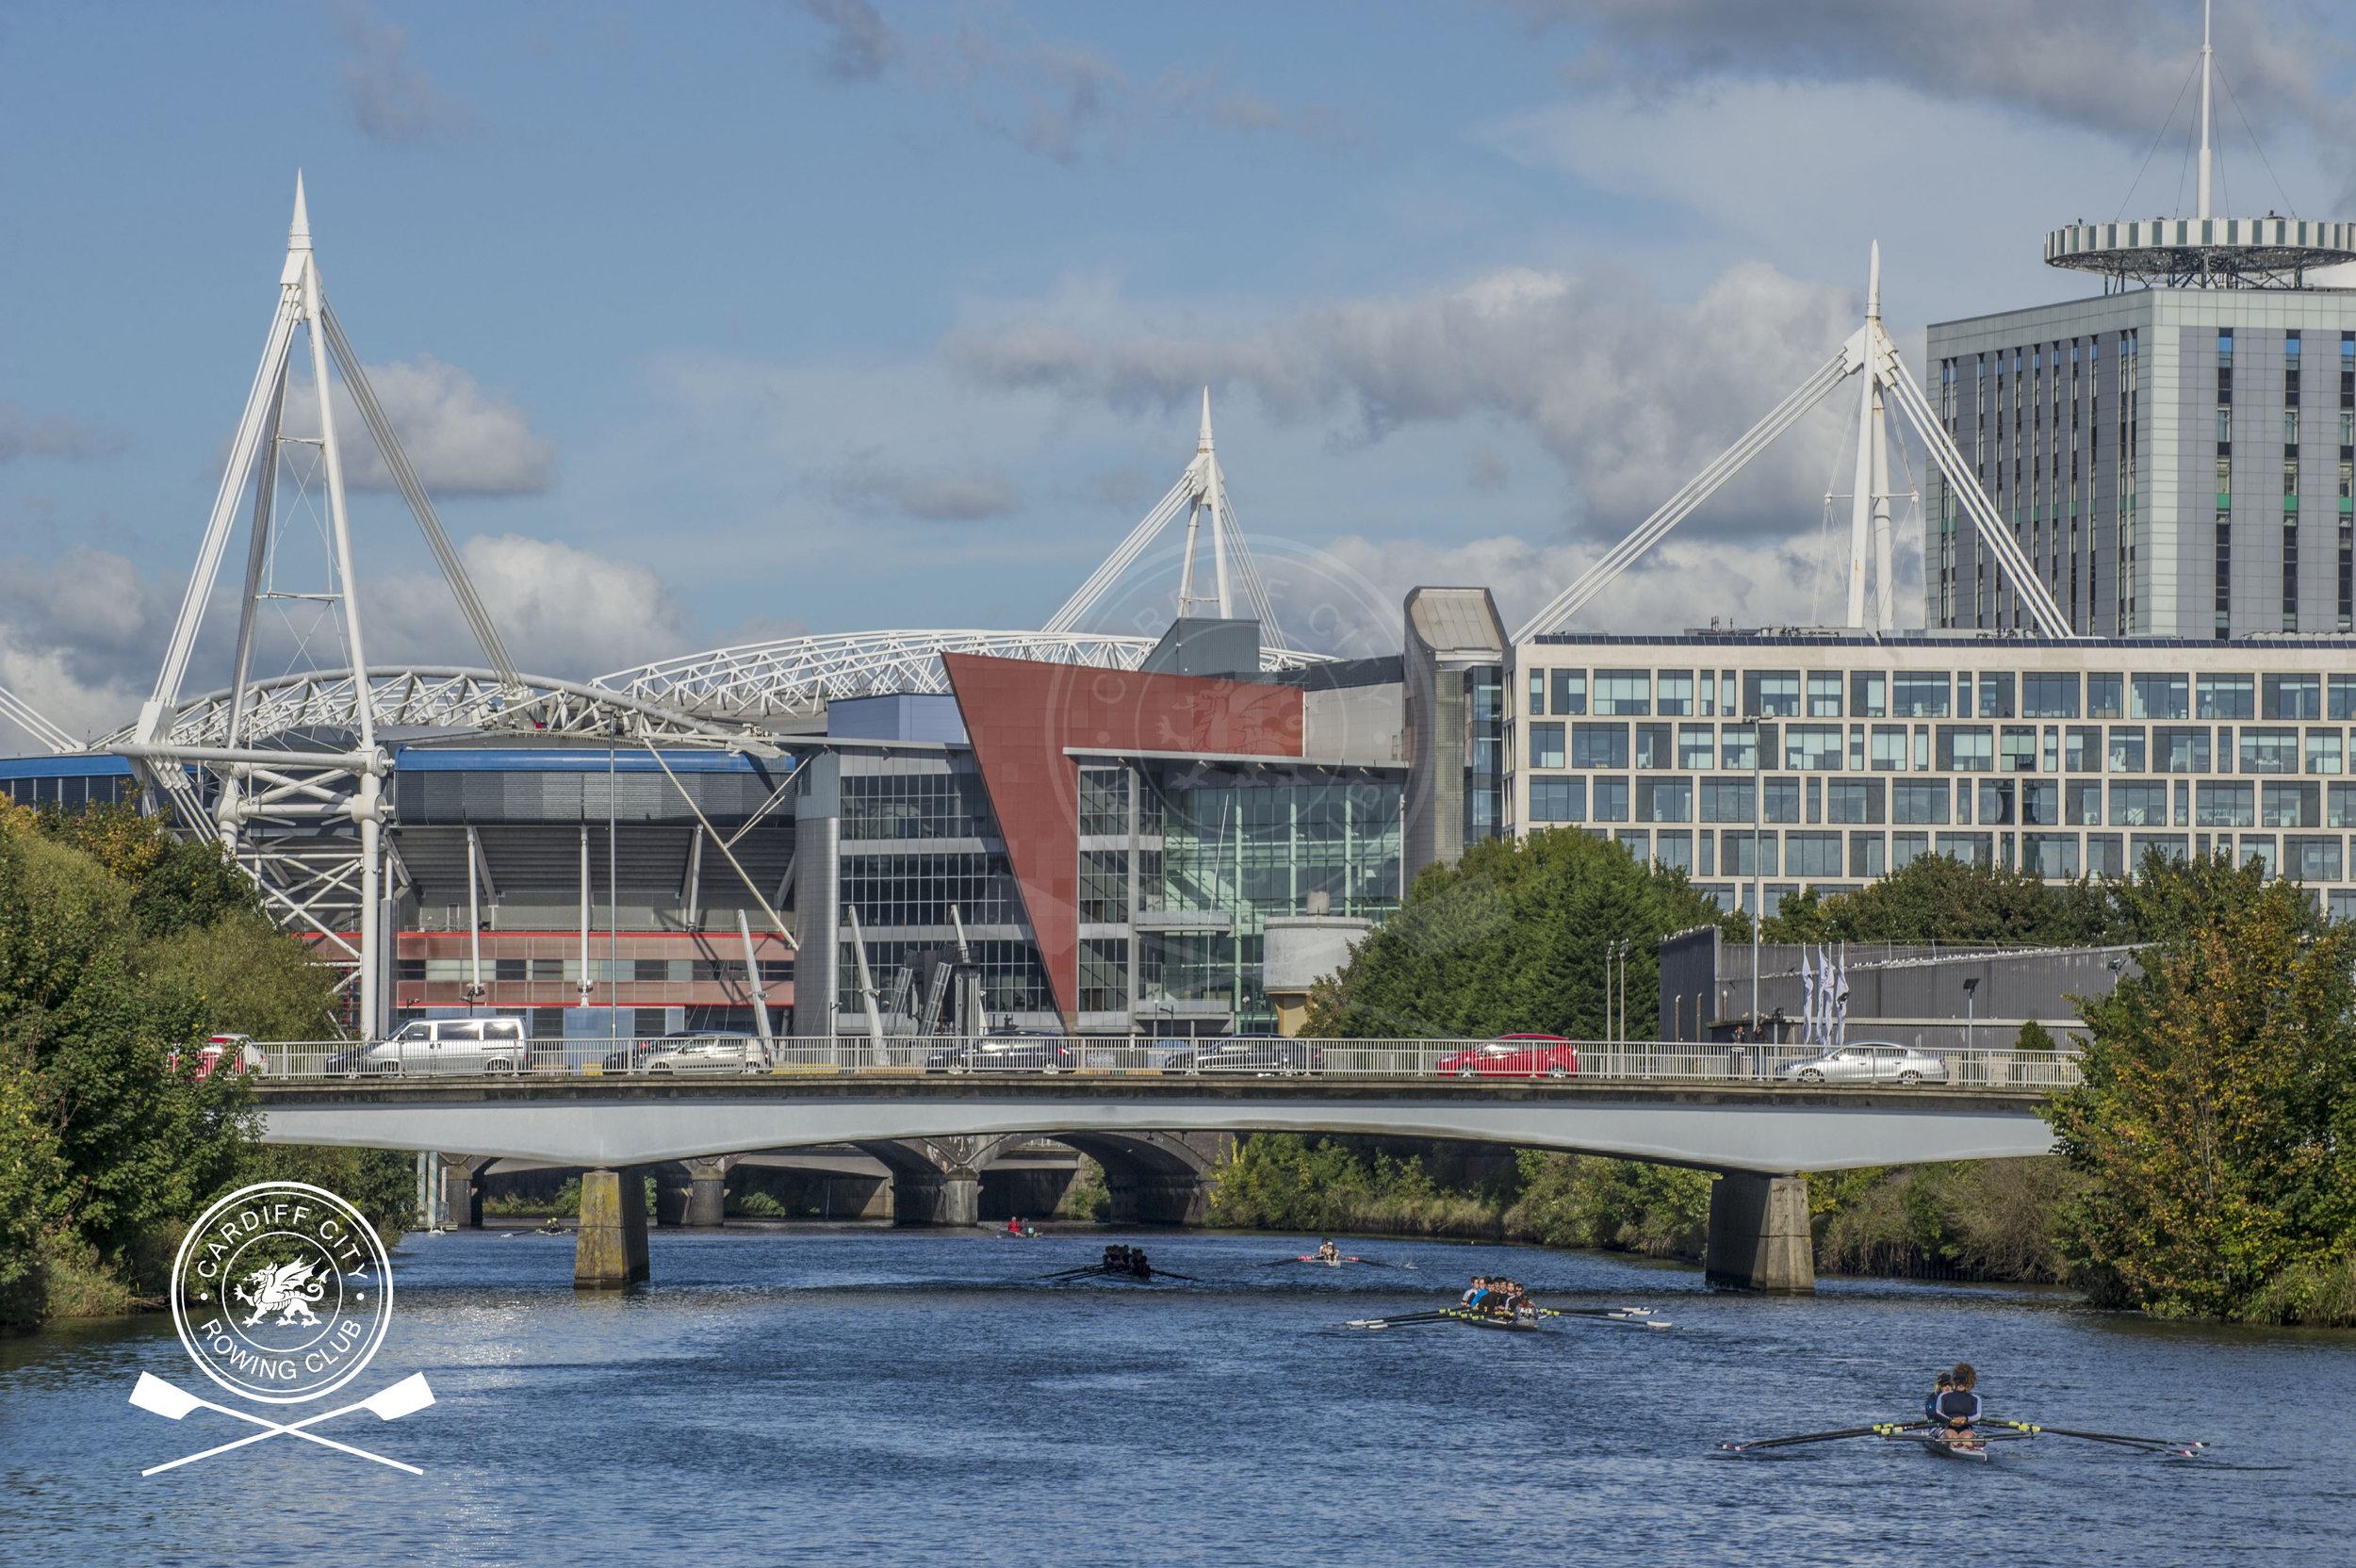 Cardiff_City_Head_Race_156.jpg